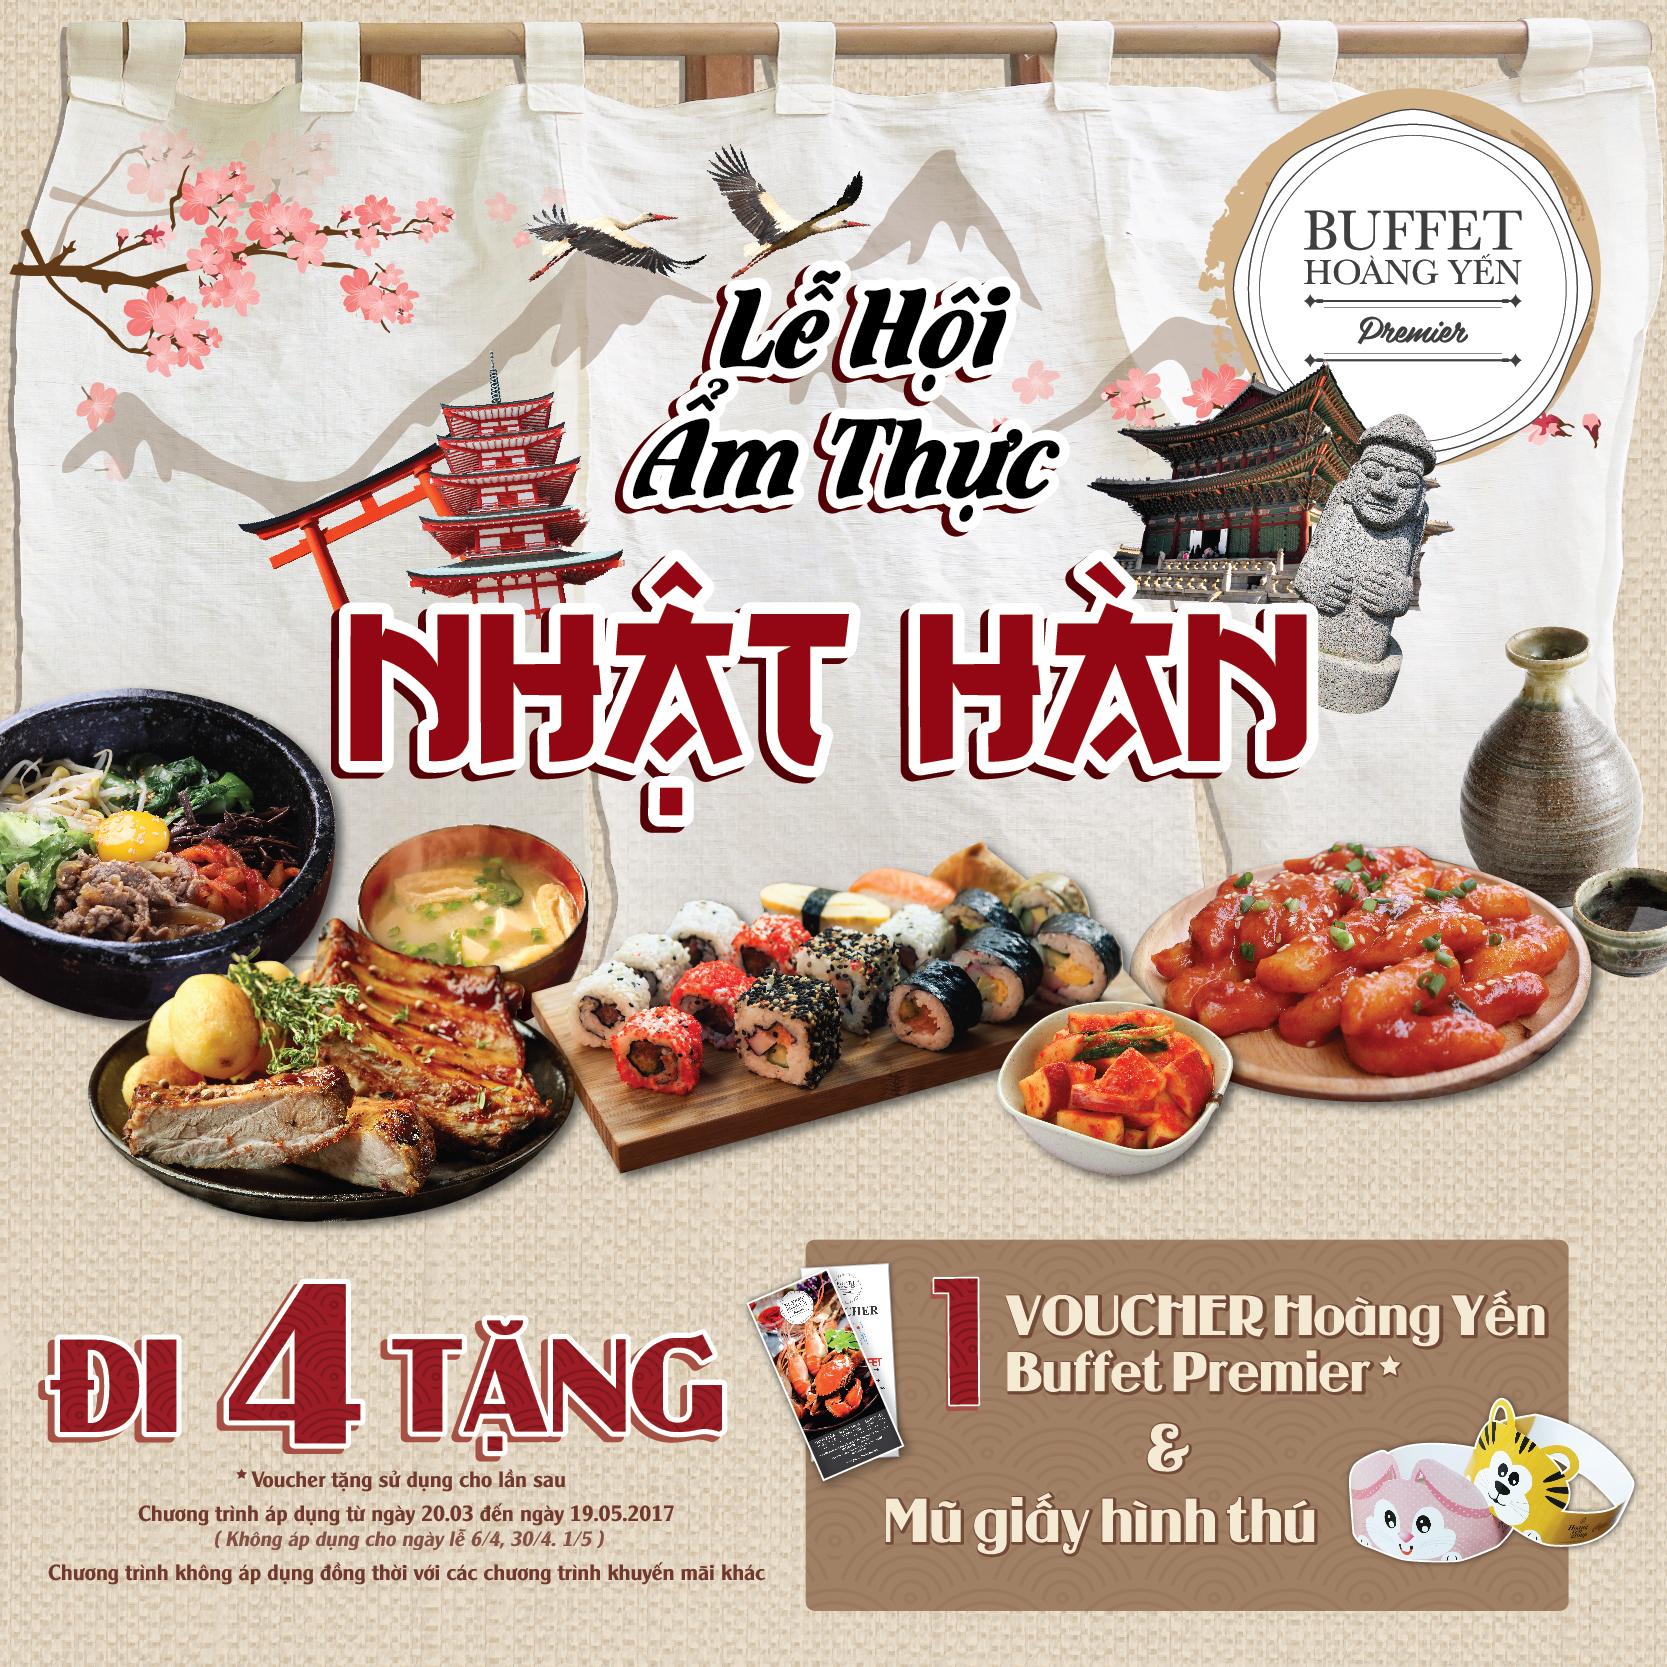 Đua nhau check-in lễ hội ẩm thực Nhật -Hàn đi 4 tặng 1 - Ảnh 7.